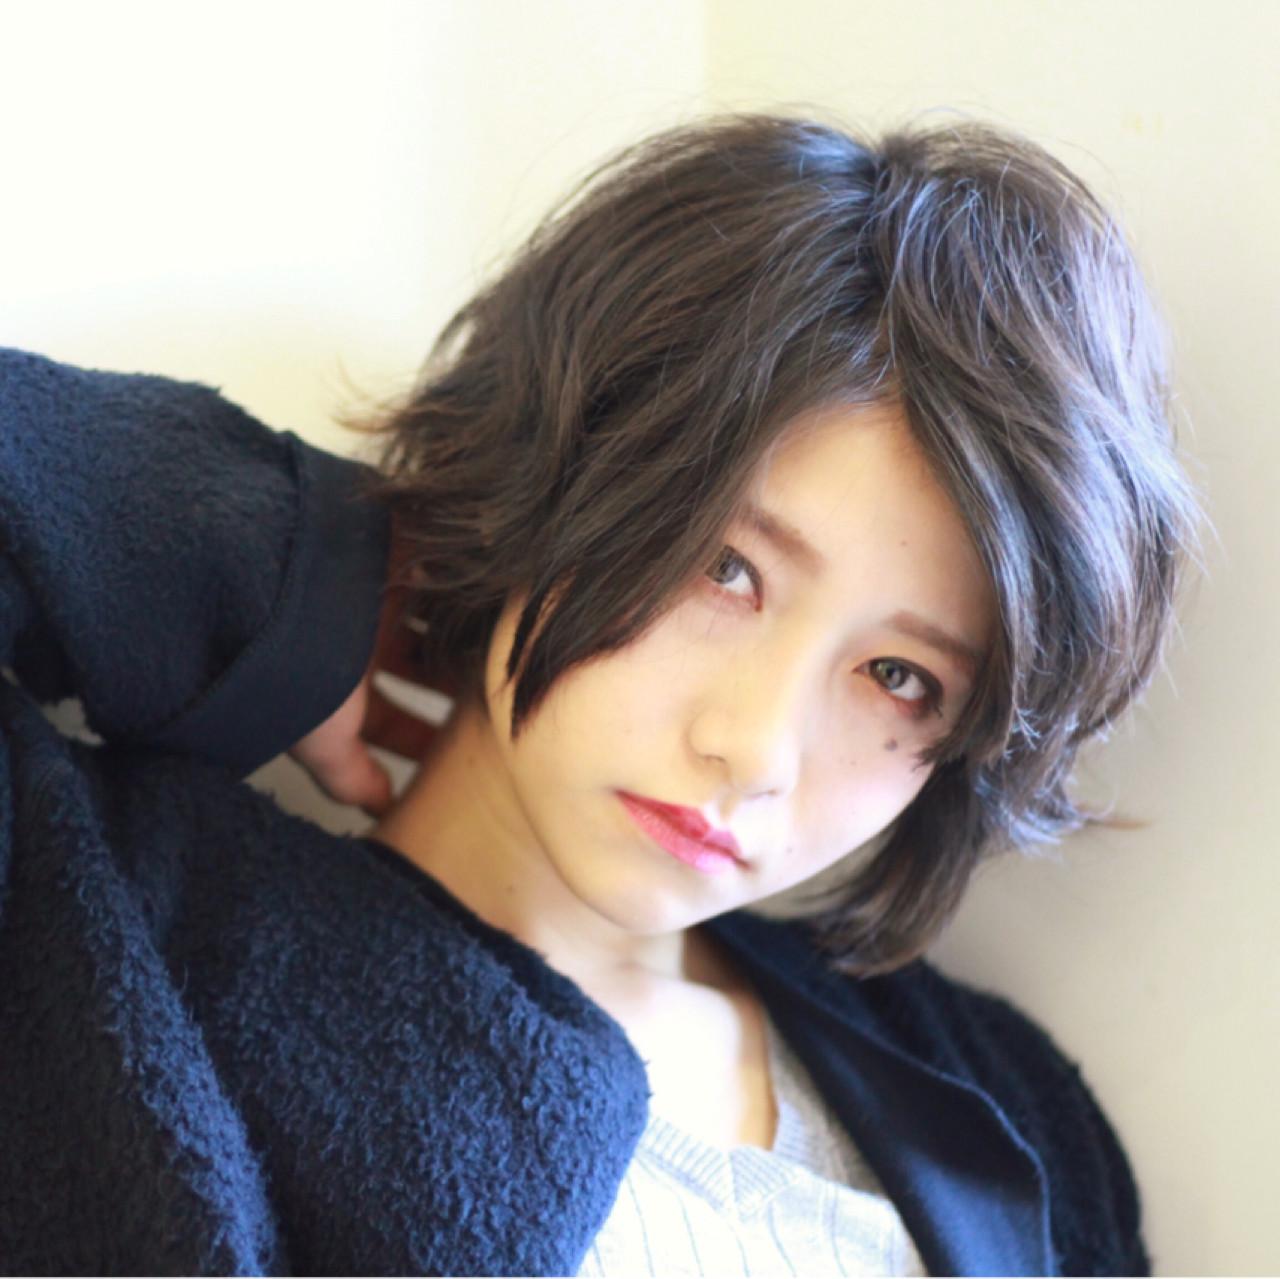 大人の魅力がいっぱい詰まった人気ショートヘアスタイル♡ 安藤 明日翔